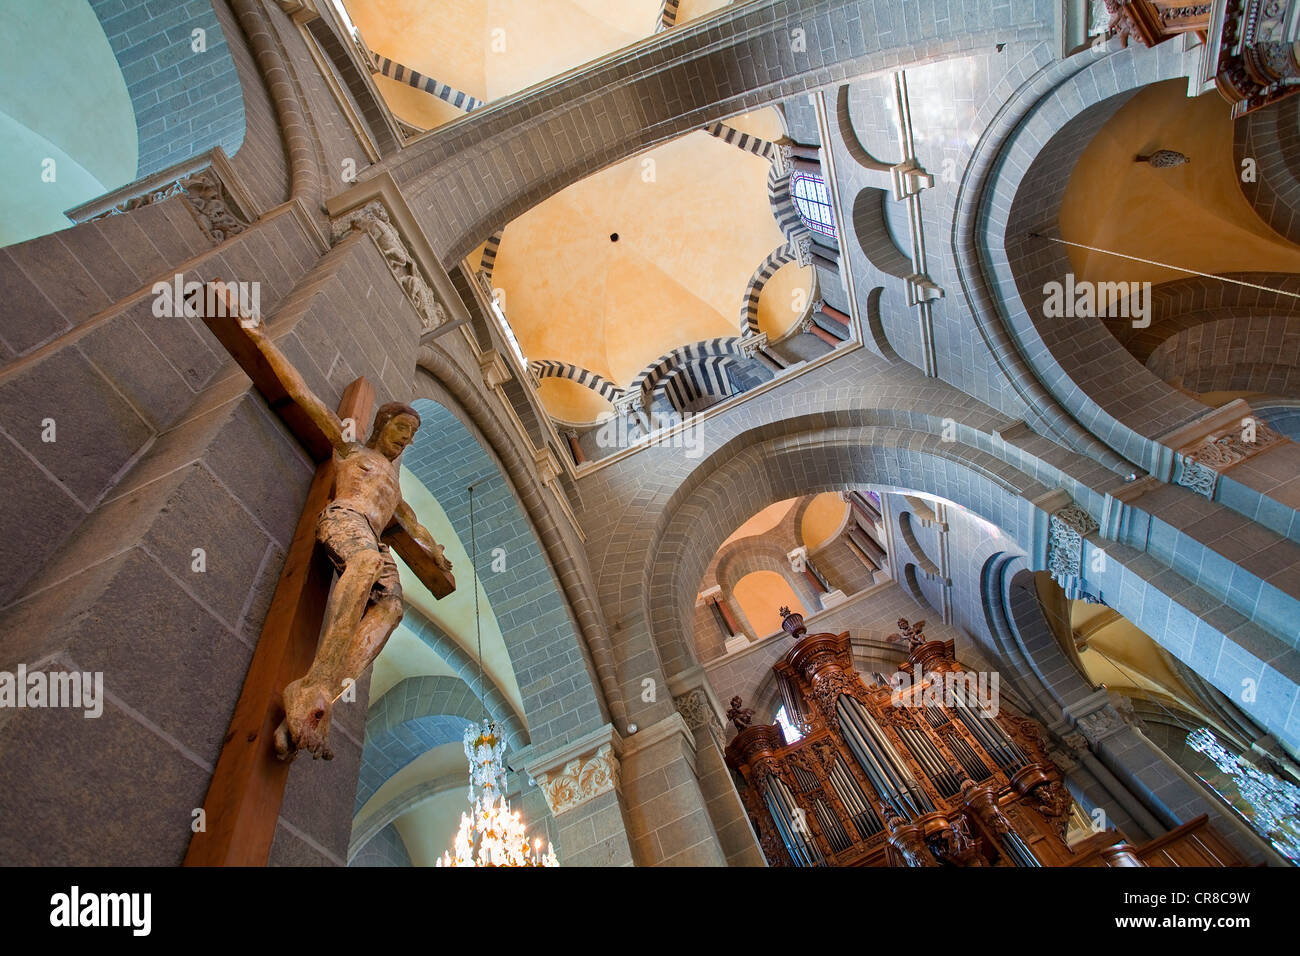 France, Haute Loire, Le Puy en Velay, stop on Route of Santiago de Compostela, UNESCO World Heritage, Notre Dame - Stock Image